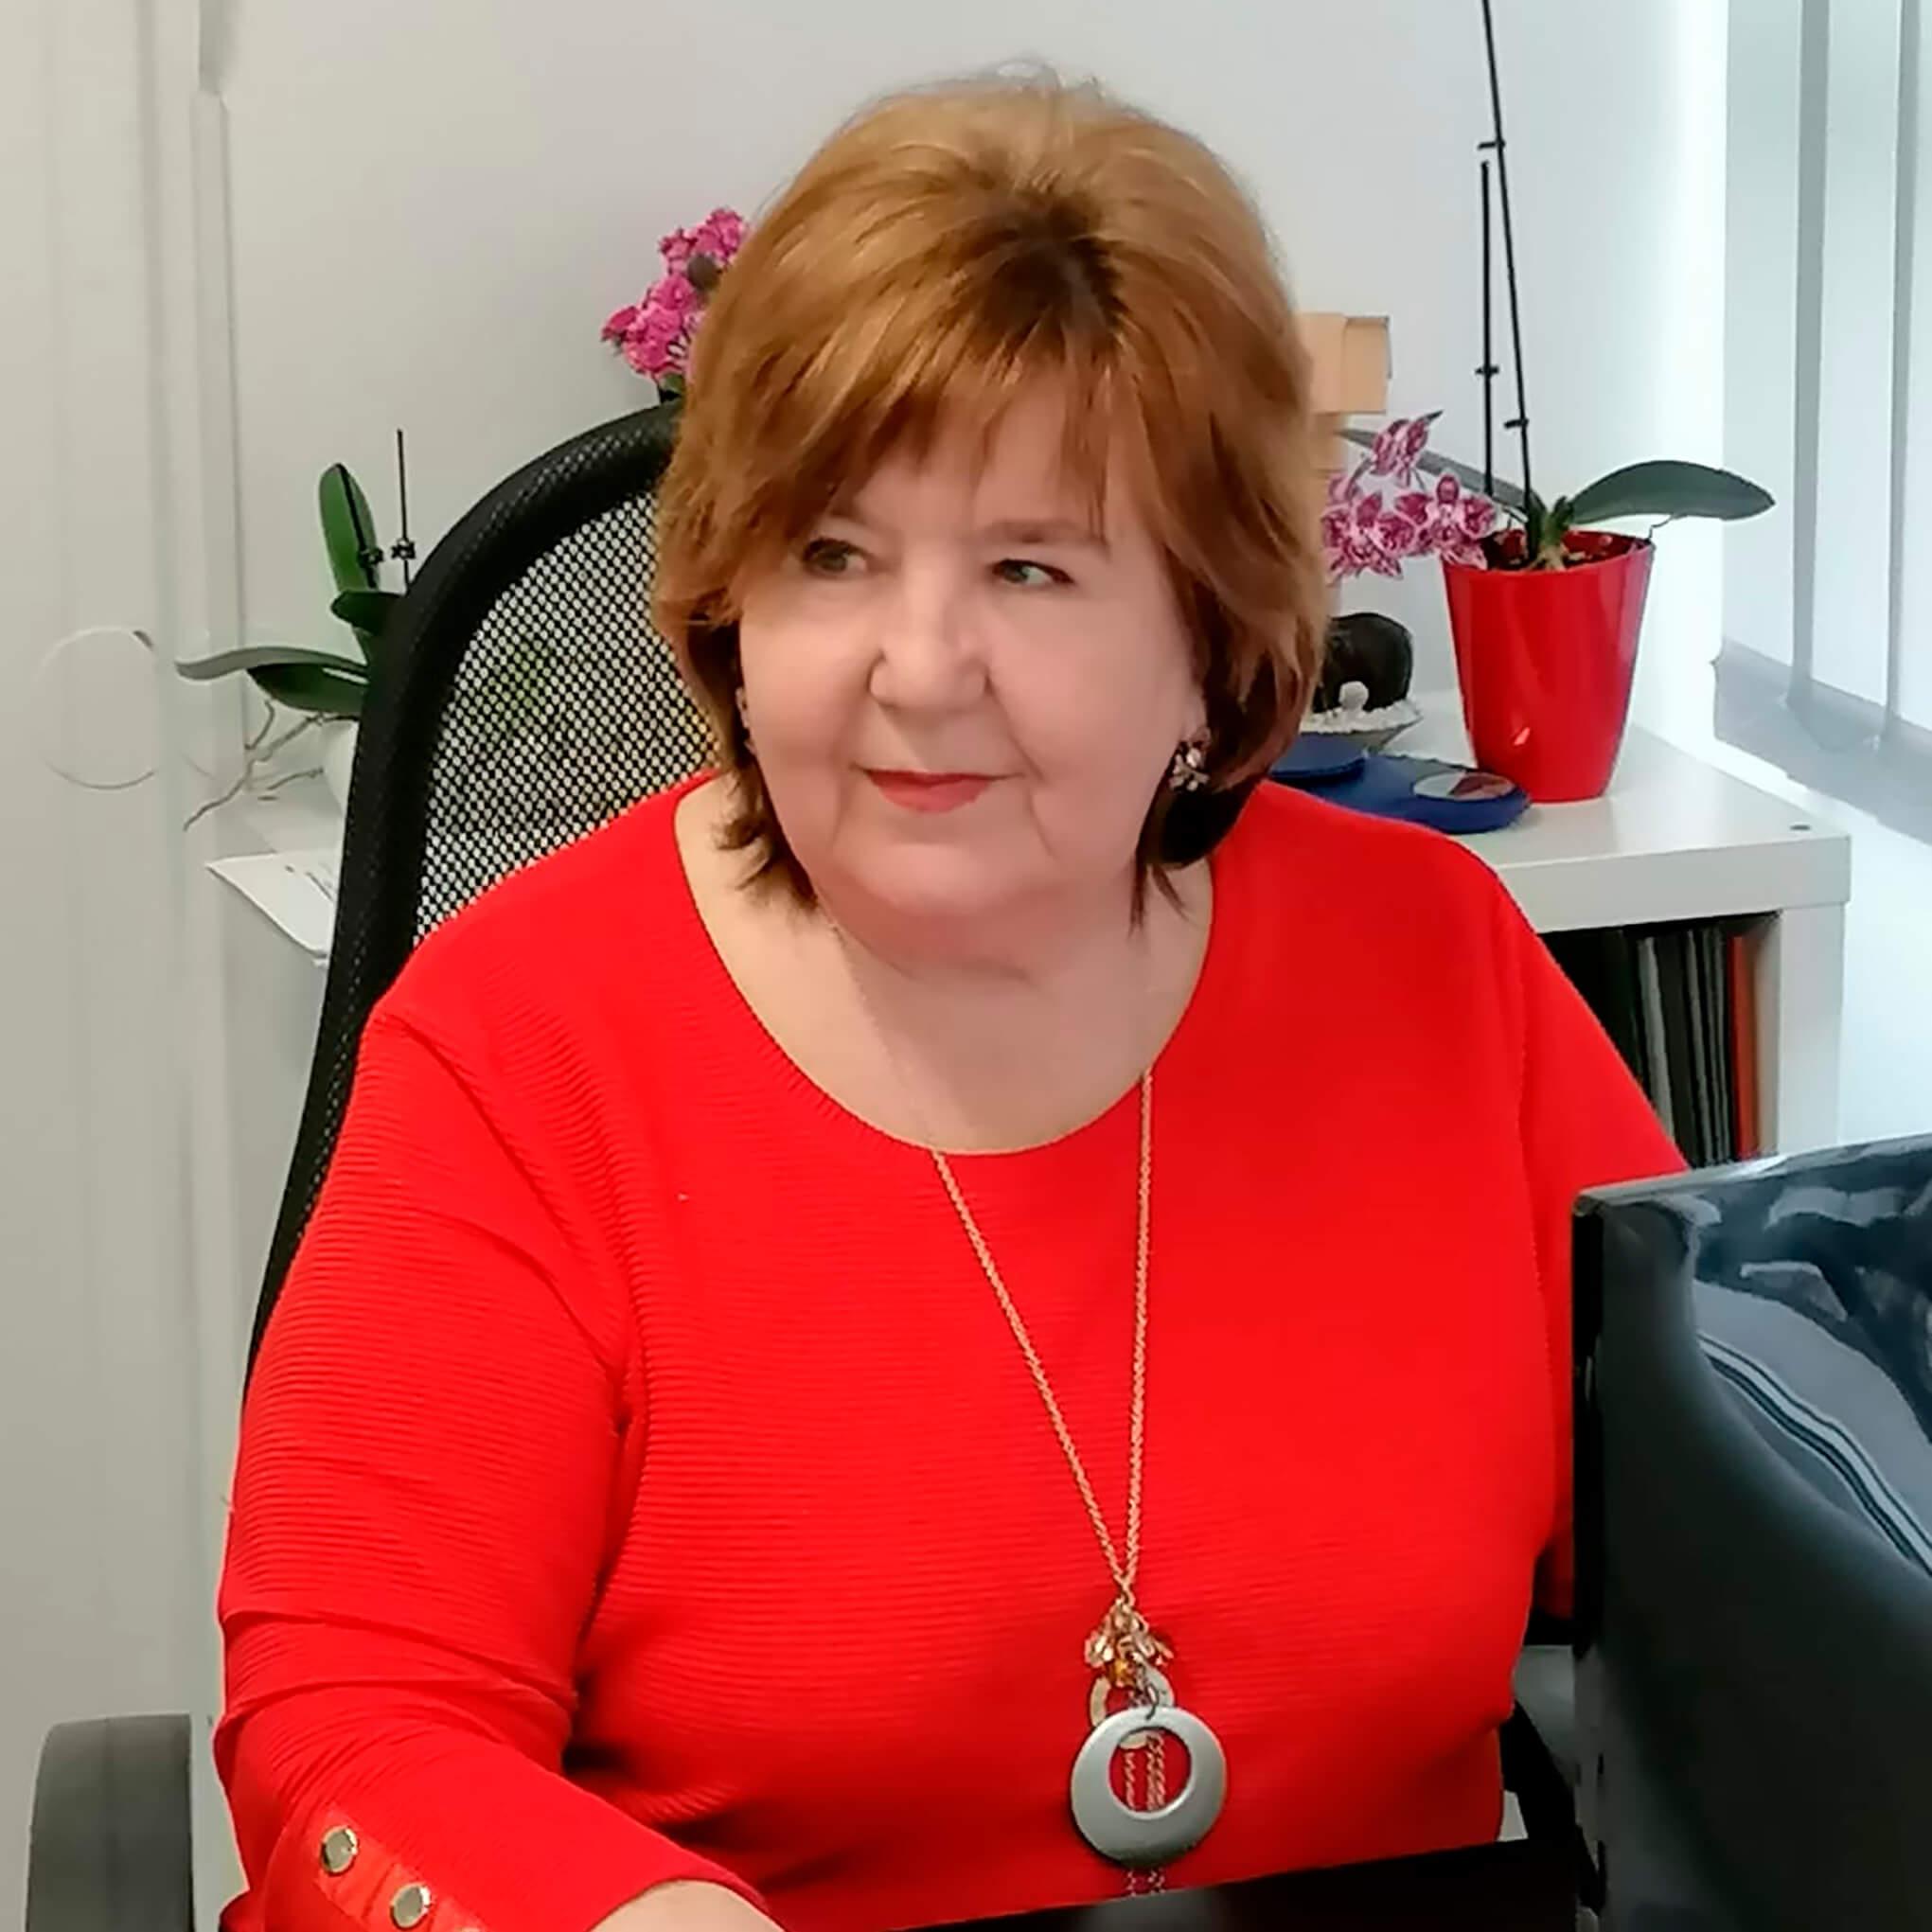 Elvira Monastir Lohnsteuerhilfeverein Nürnberg